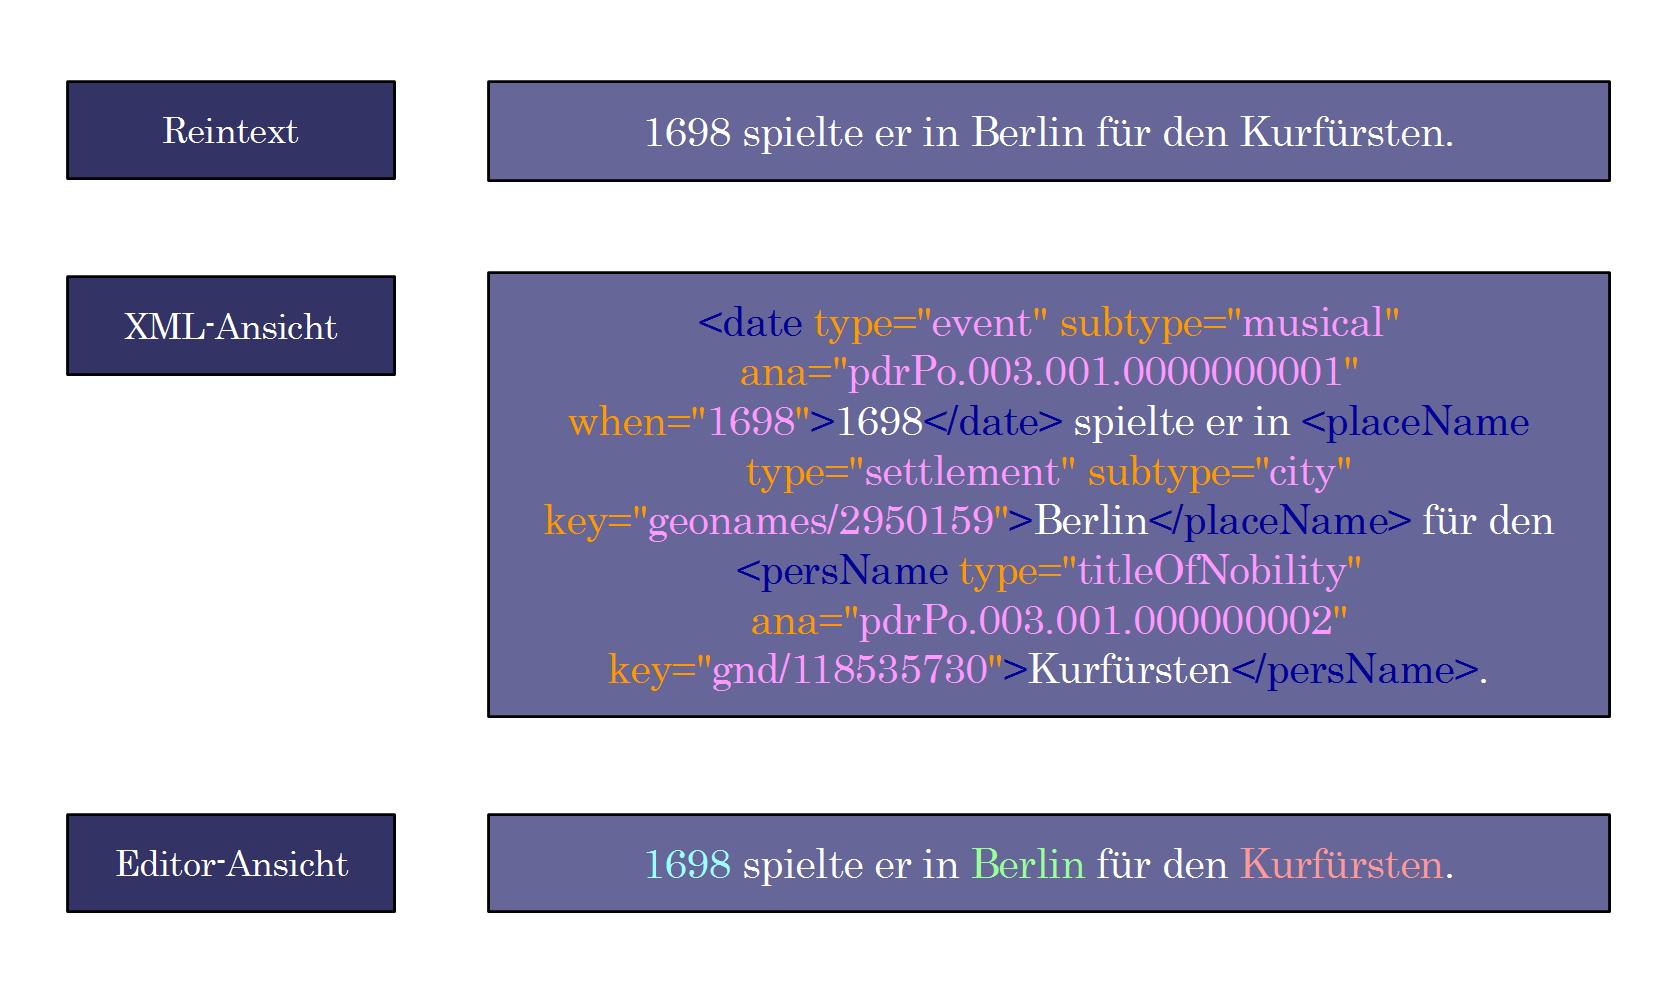 Semantisches Markup in XML. Das komplexe, semantisch angereicherte                    XML-Format wird im Editor vereinfacht dargestellt. Grafik: Torsten Roeder,                    2014.